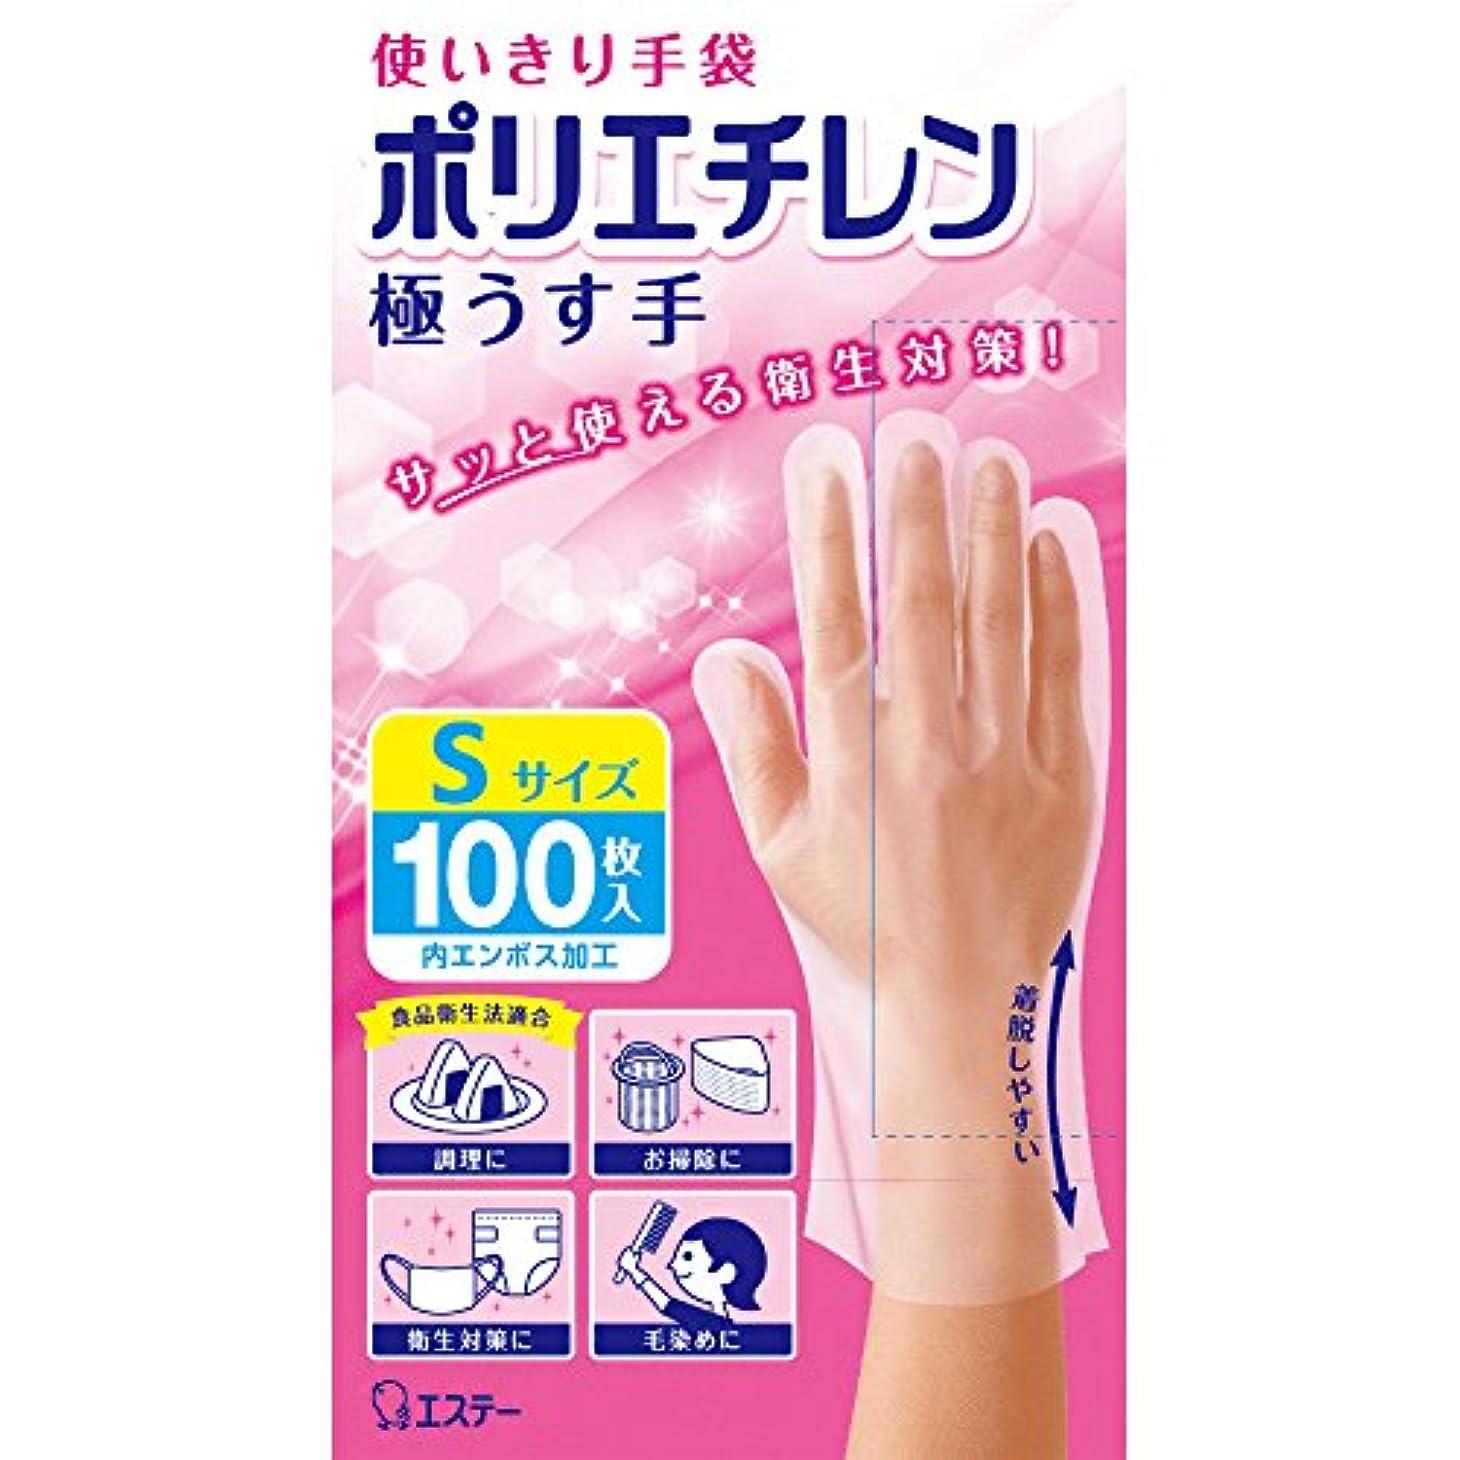 会話沈黙おかしい使いきり手袋 ポリエチレン 極うす手 Sサイズ 半透明 100枚